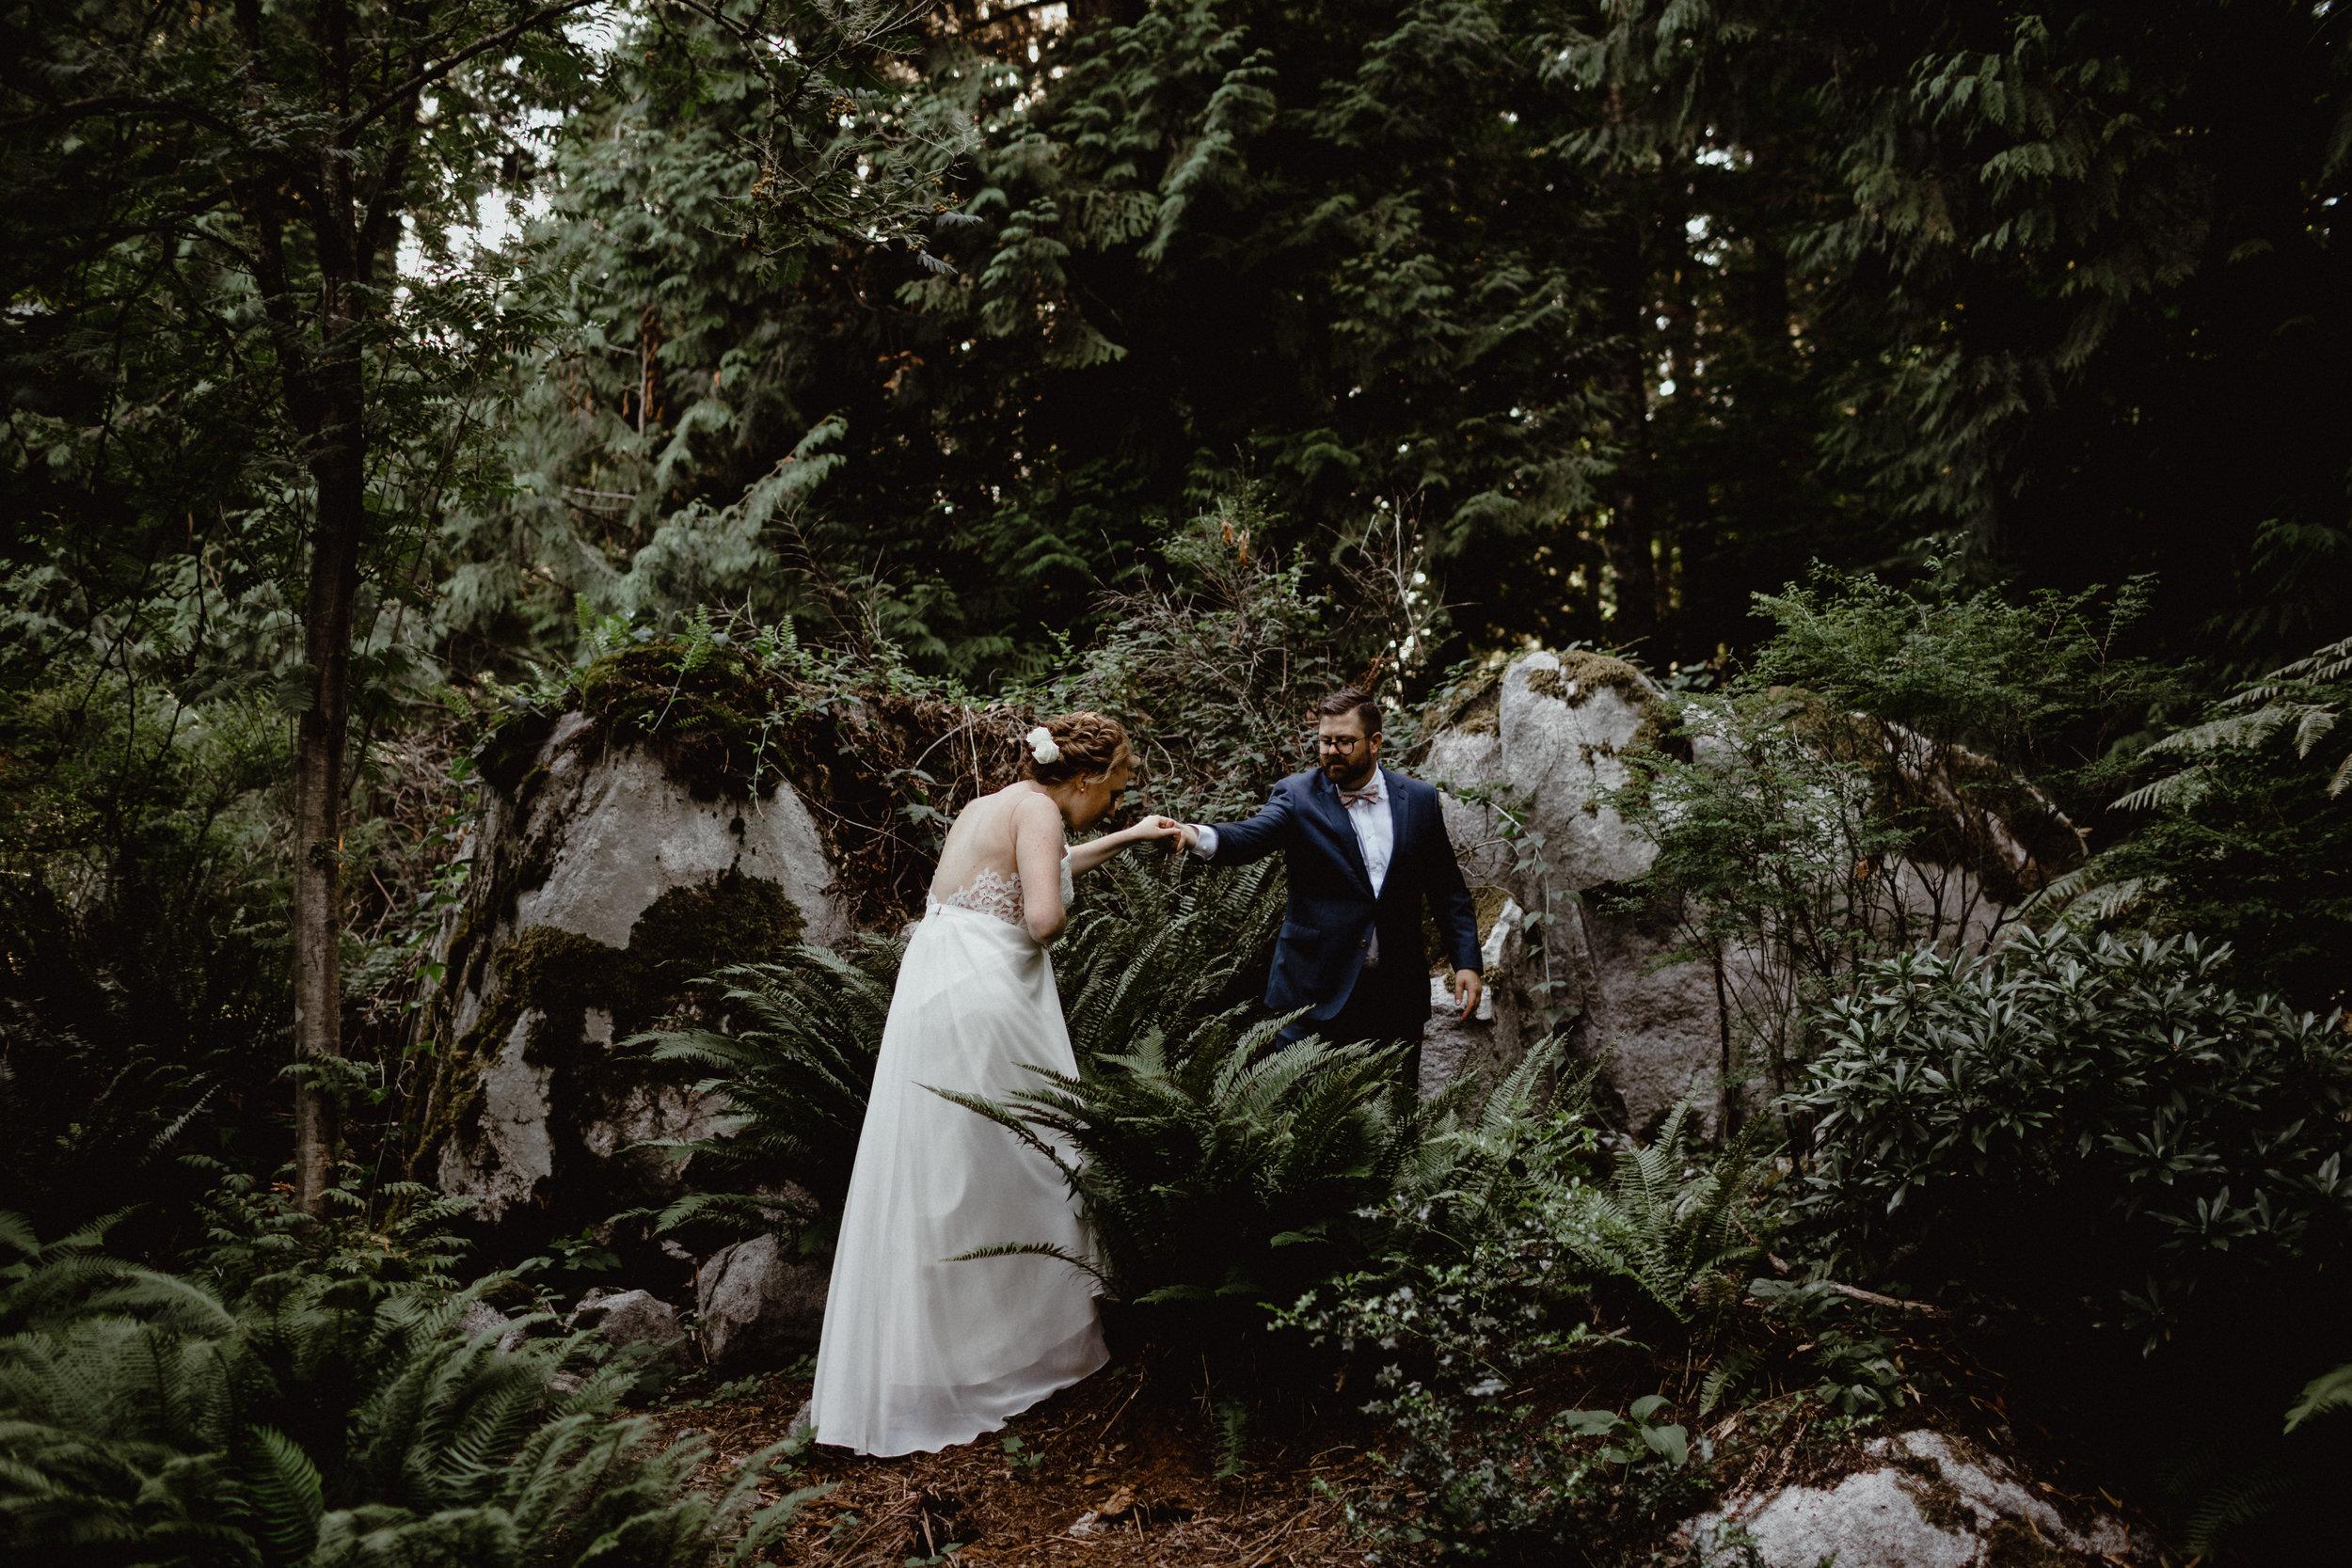 west-vancouver-backyard-wedding-199.jpg